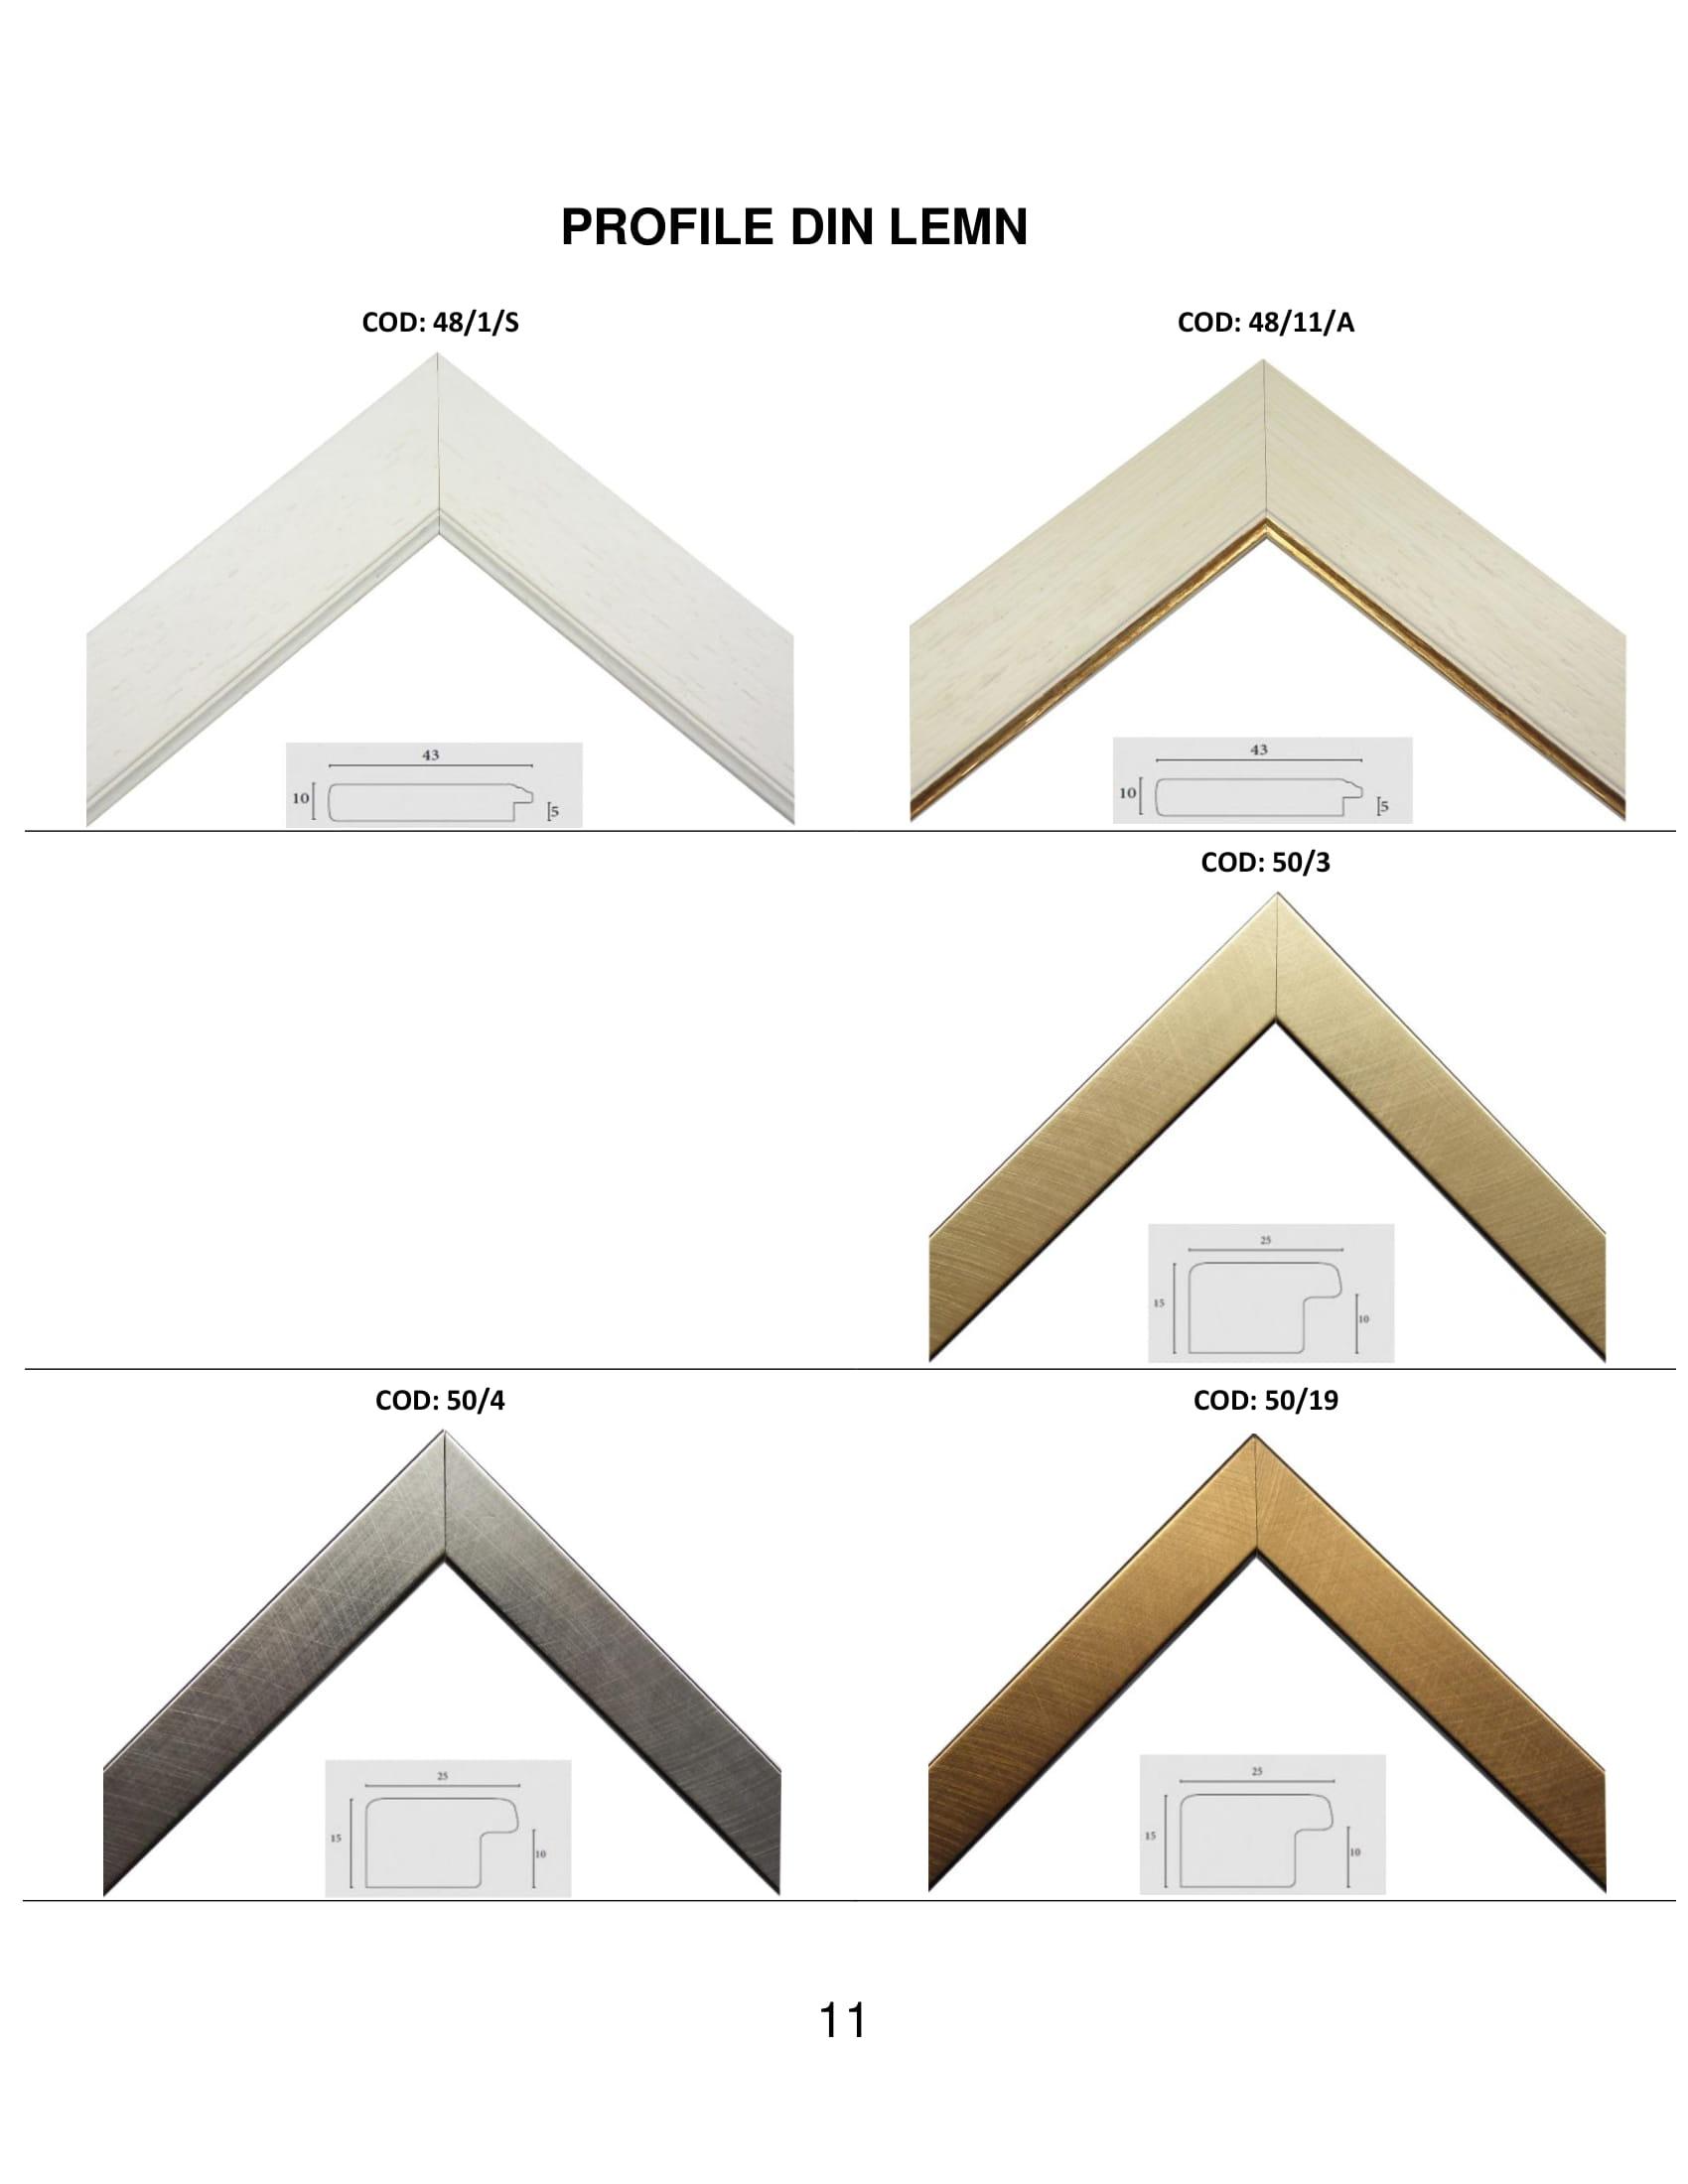 rame profile din lemn - 11